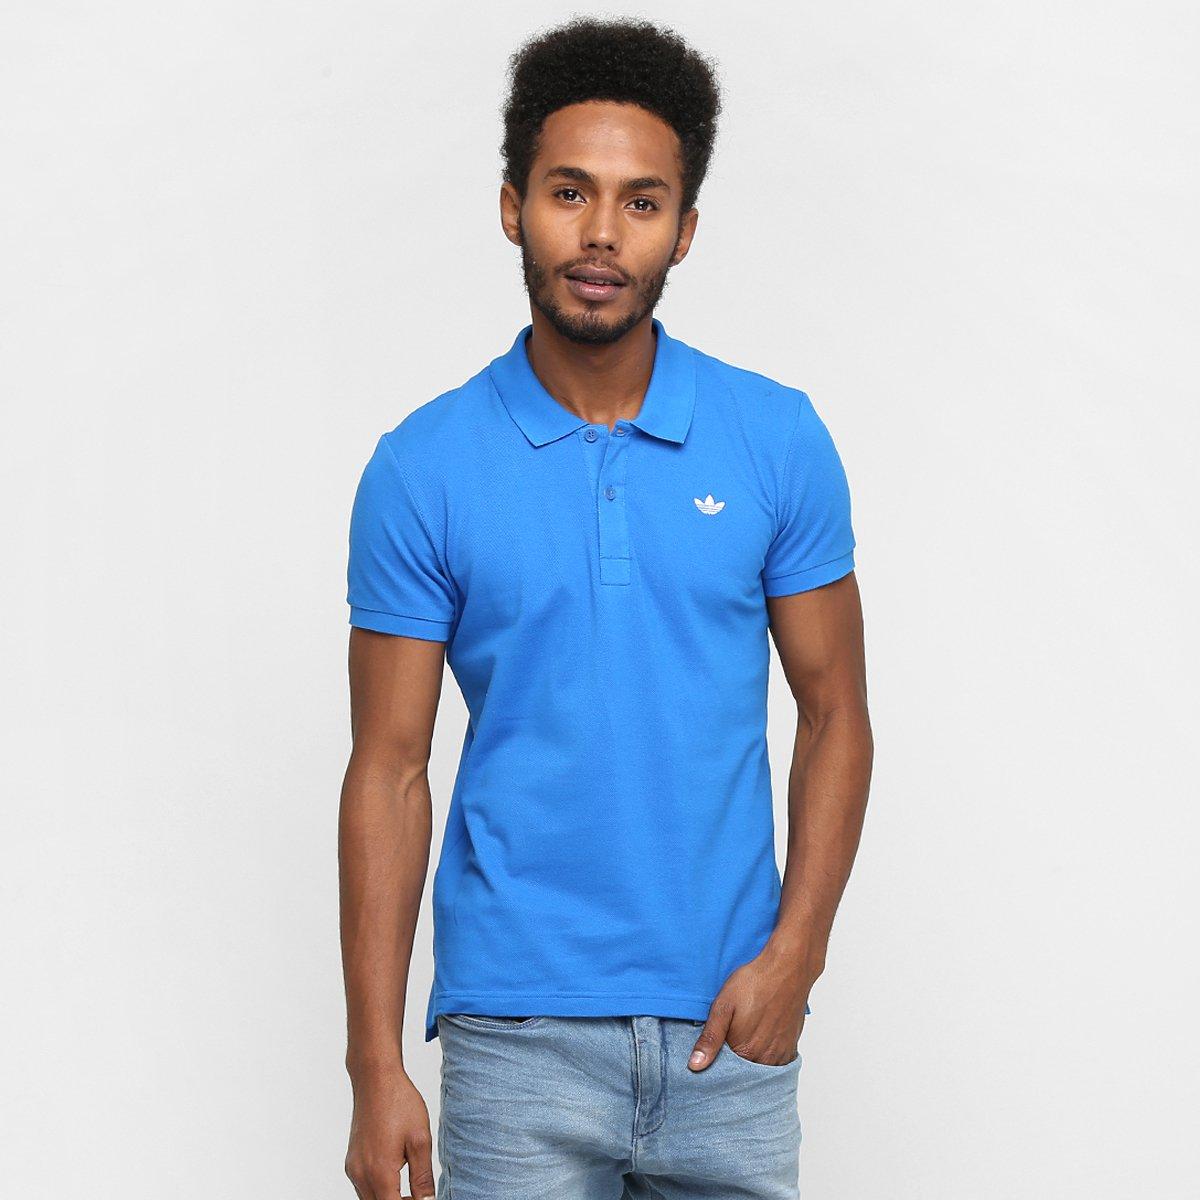 c4e1dff5d7 Camisa Adidas Originals Adi Polo Pique - Azul e Branco - Compre ...